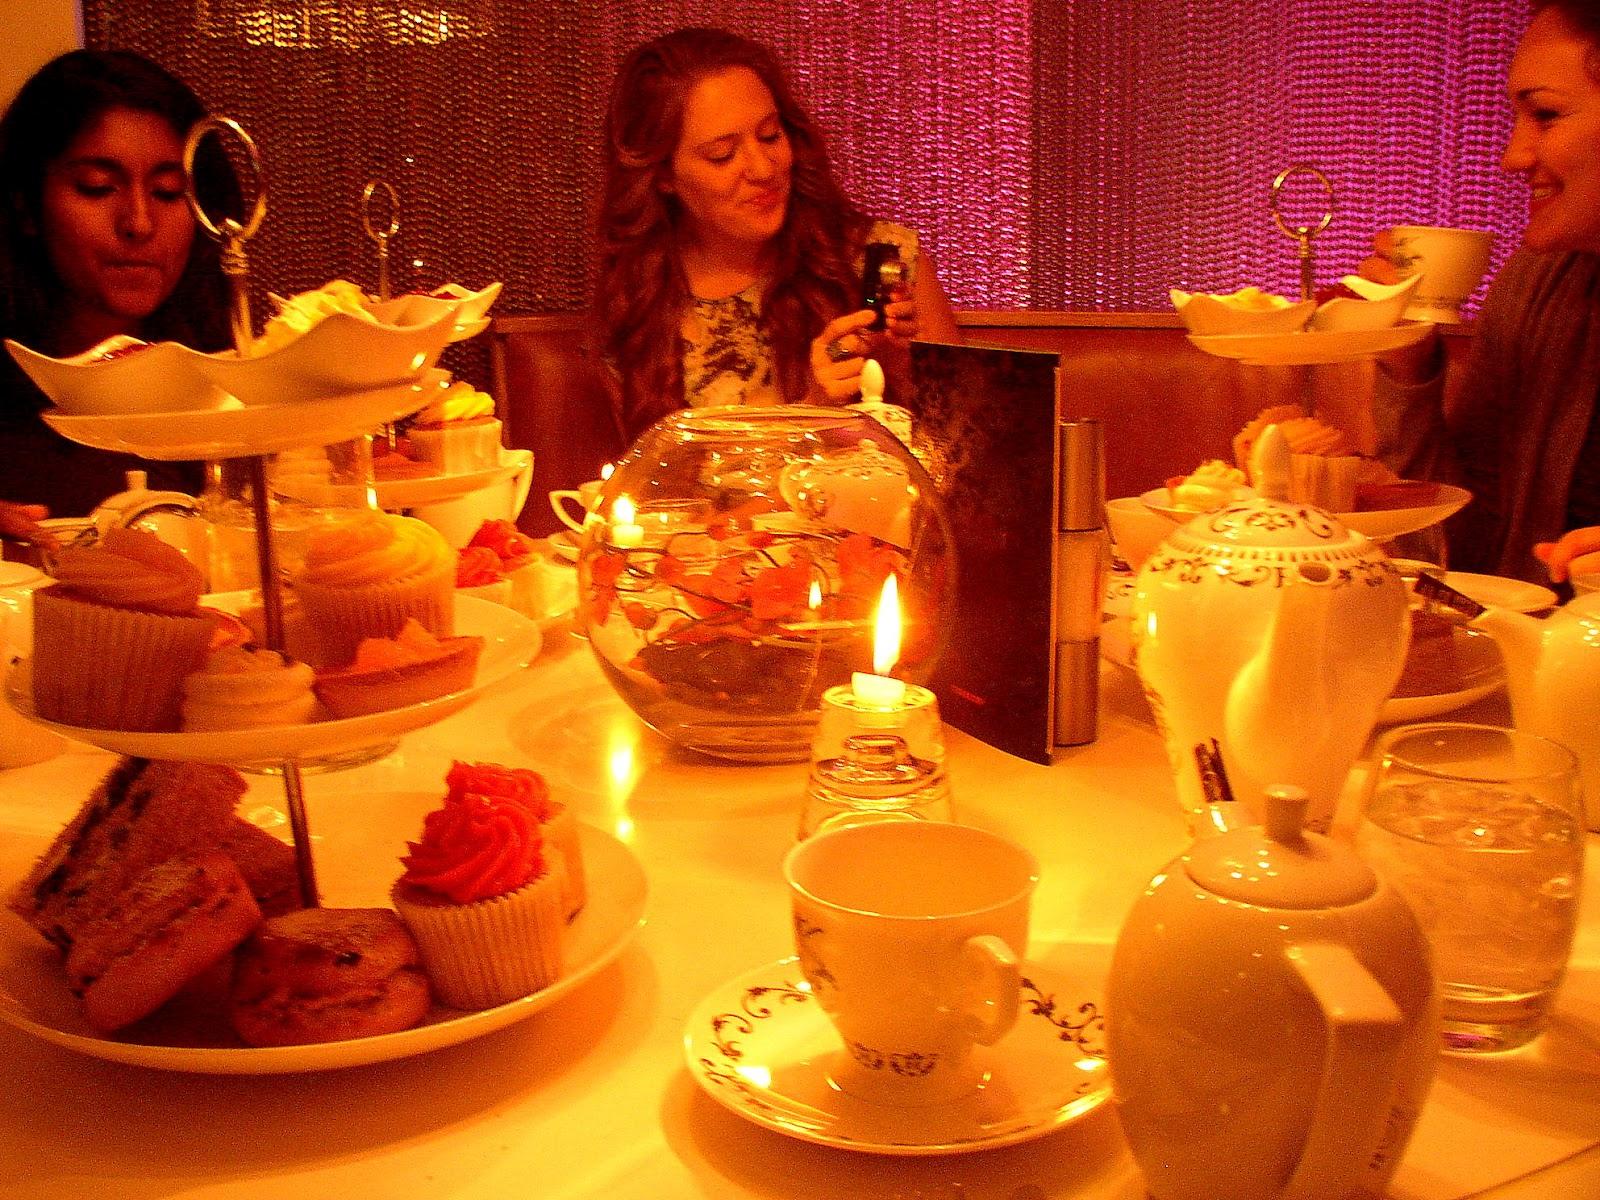 http://1.bp.blogspot.com/-ODuU9M1PAxw/T6e77PIxNoI/AAAAAAAAATU/oq4w3MCcxDc/s1600/Tea+Time+005.JPG